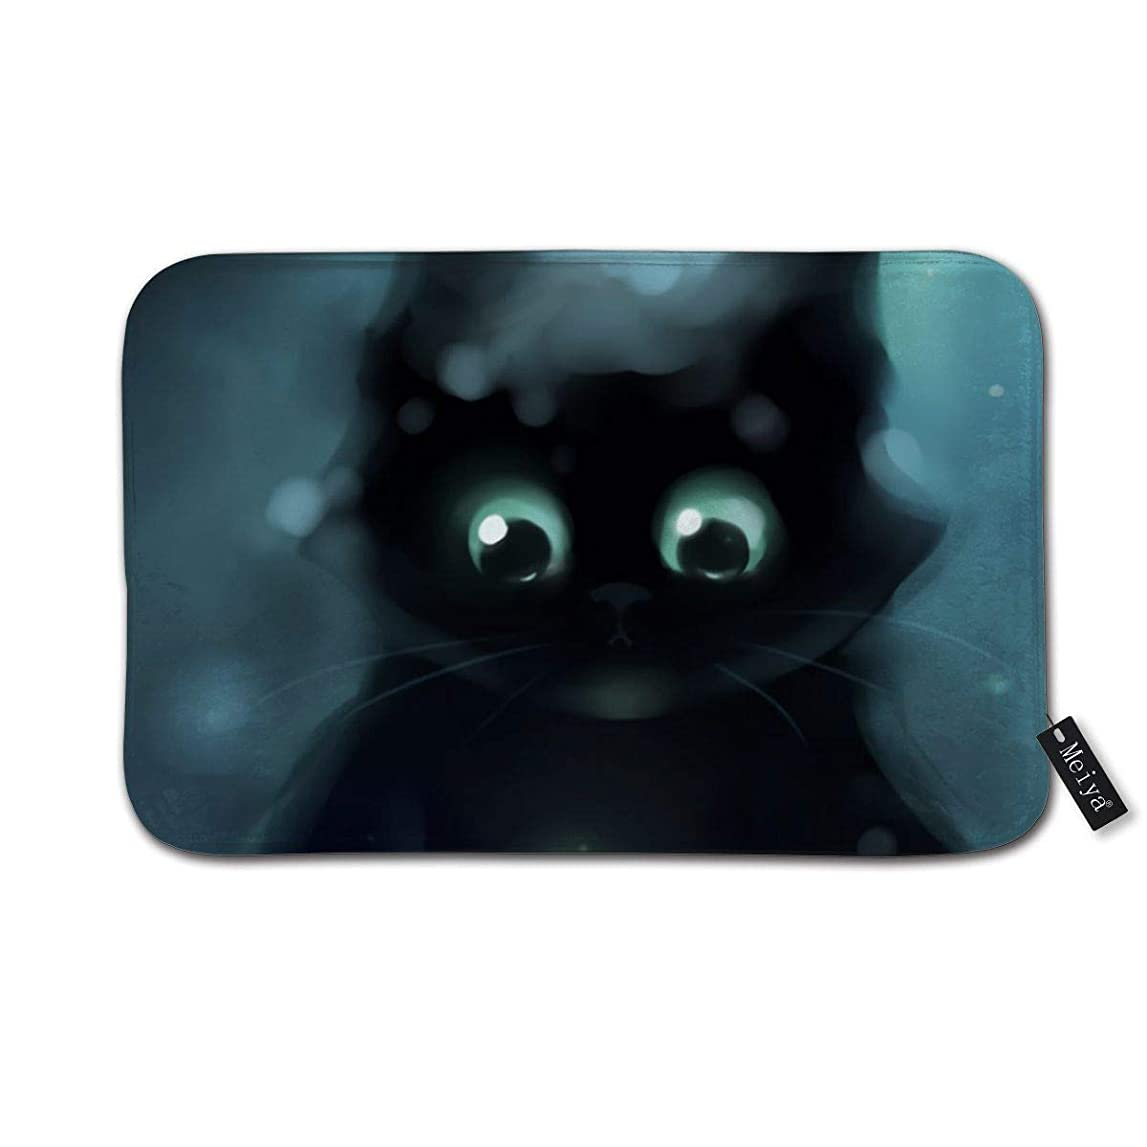 注入モジュール保護かわいい猫アニメ BathMatすばらしい玄関マット屋内浴室マット足ふきマット 速乾 吸水 キッチン お風呂 ドア 滑り止め 40cm×60cm